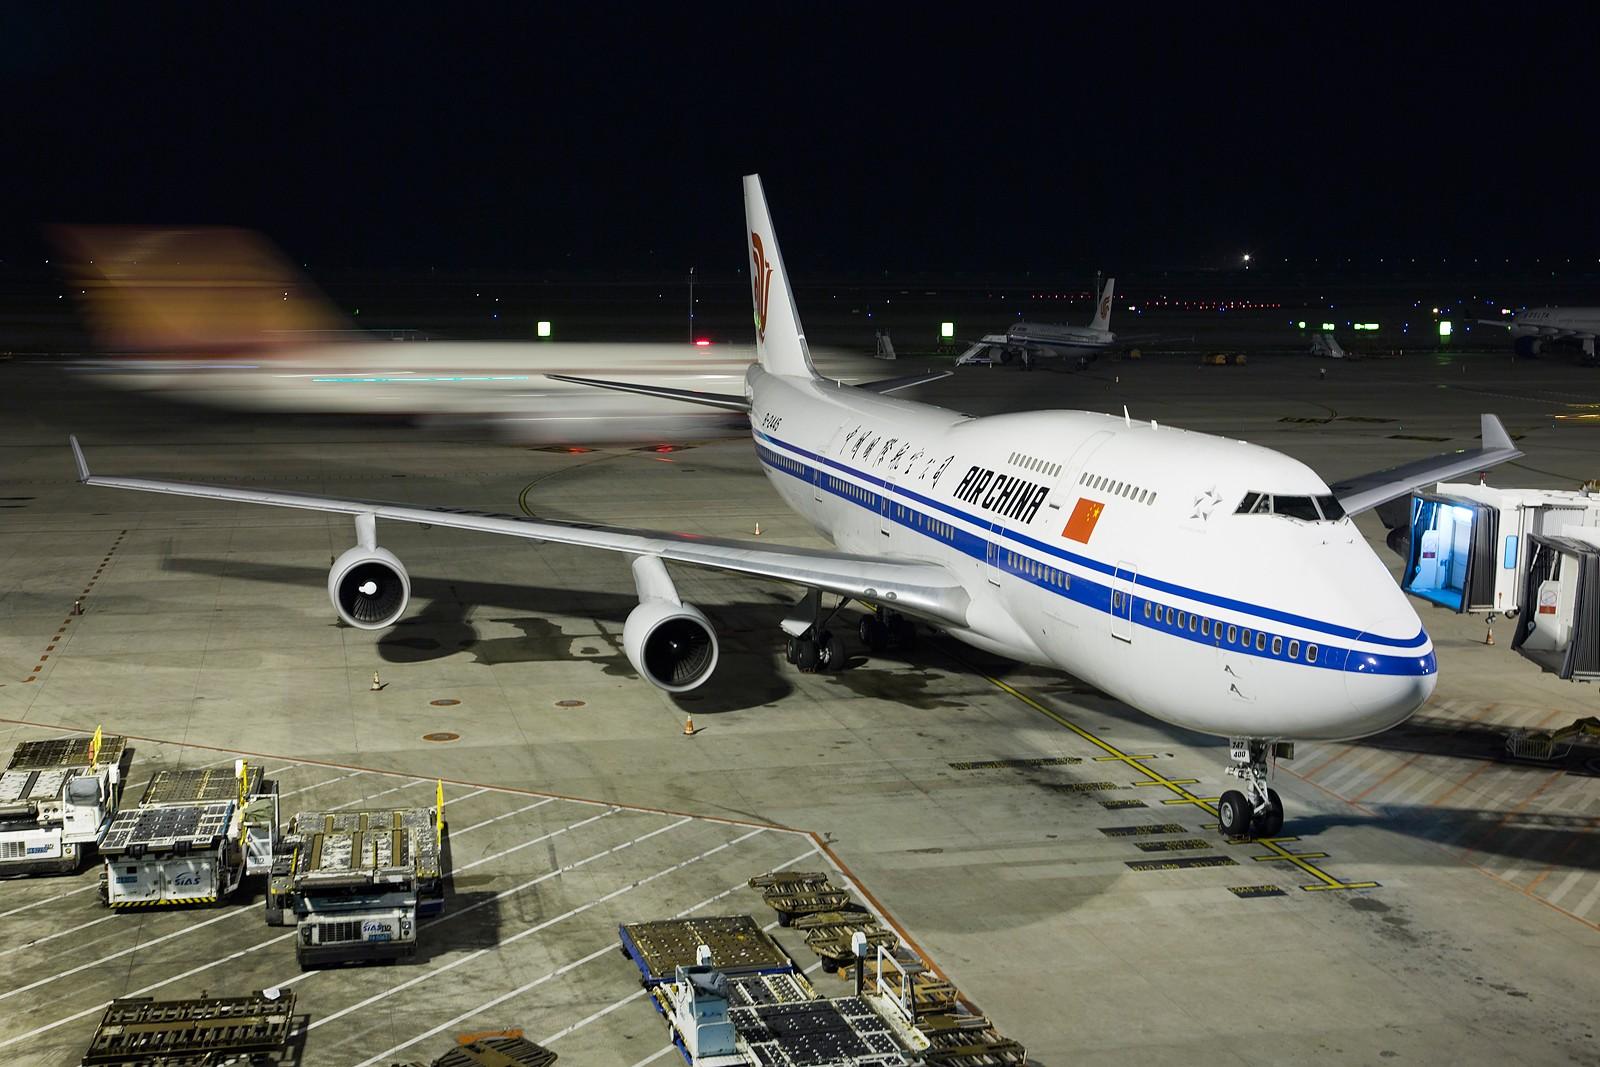 """[原创]【PVG】**********浦东T2""""内场党"""",夜景来几张[1600*1067]********** BOEING 747-400 B-2445 中国上海浦东国际机场"""